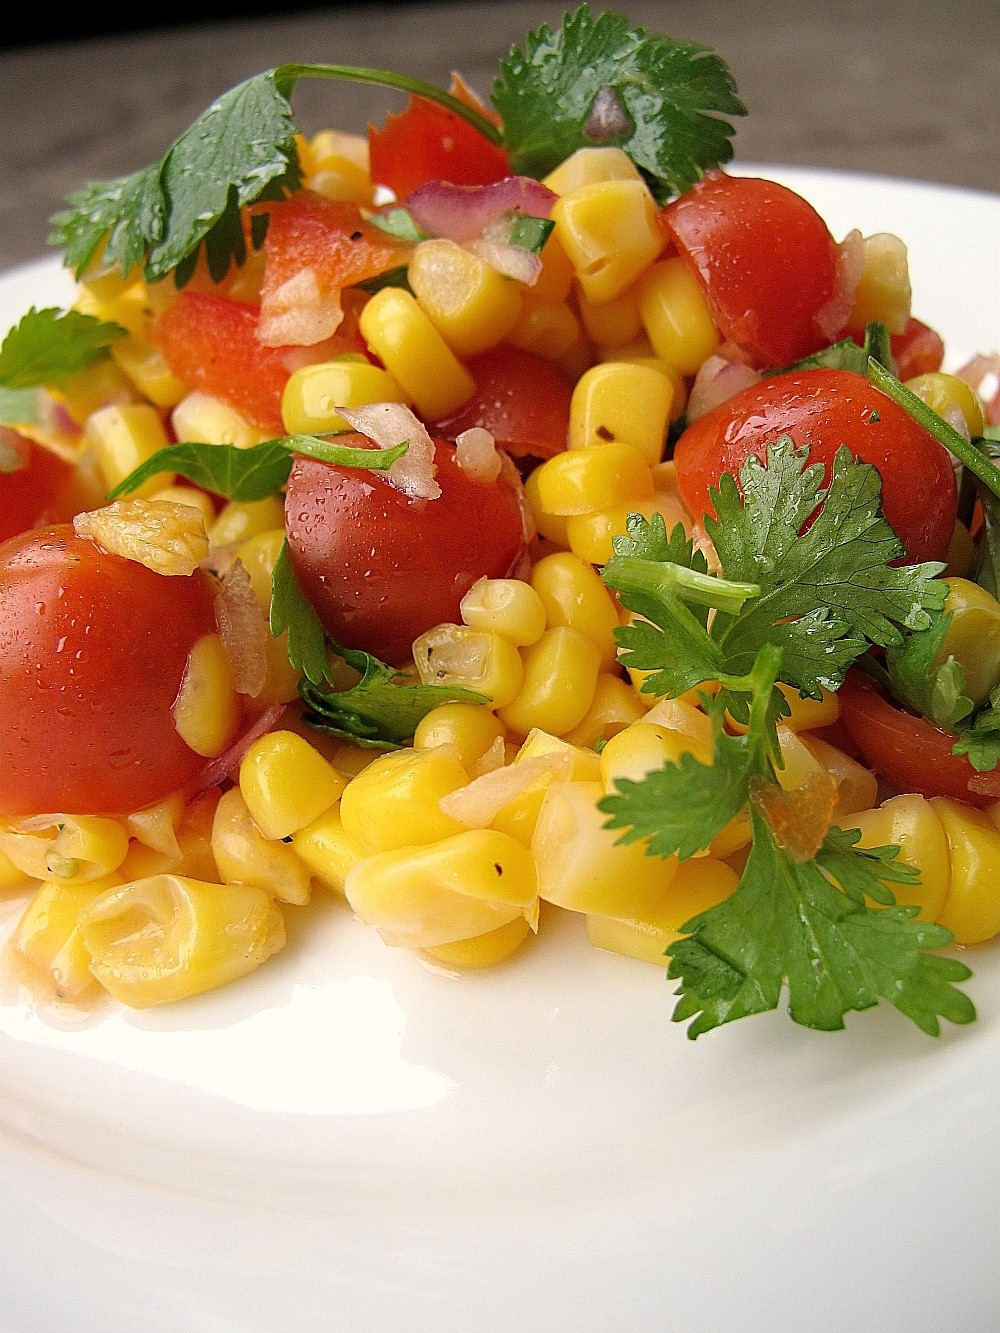 The Most Delicious Corn Salad Recipe